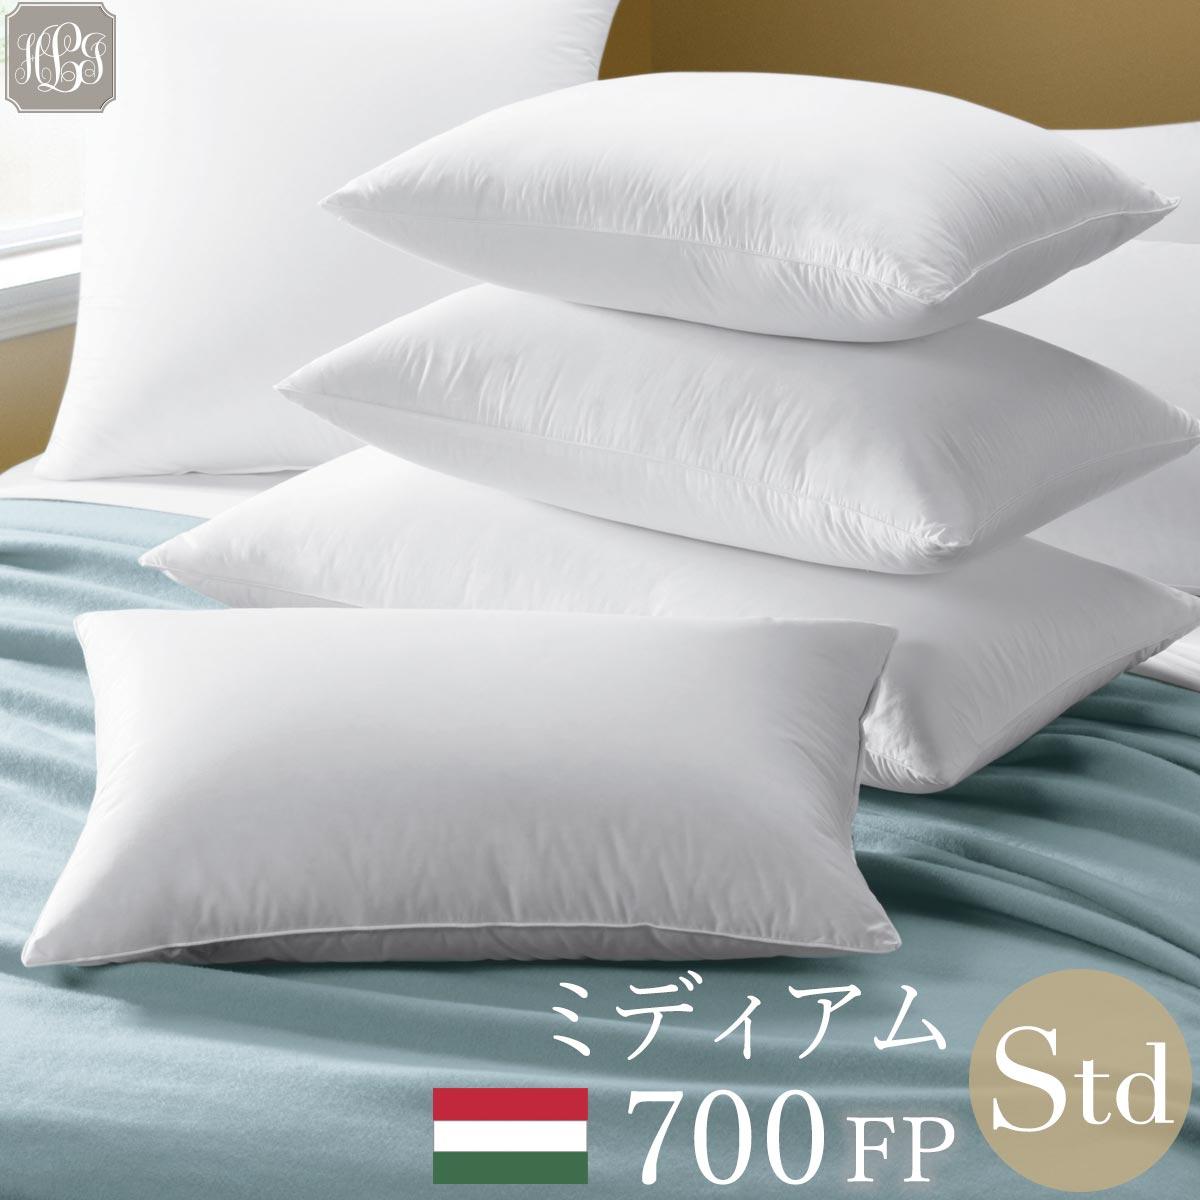 羽毛枕 700FPハンガリー産ホワイトグース スタンダード 50cmx66cm ミディアム 高級ホテル 高め 80番手 超長綿100%